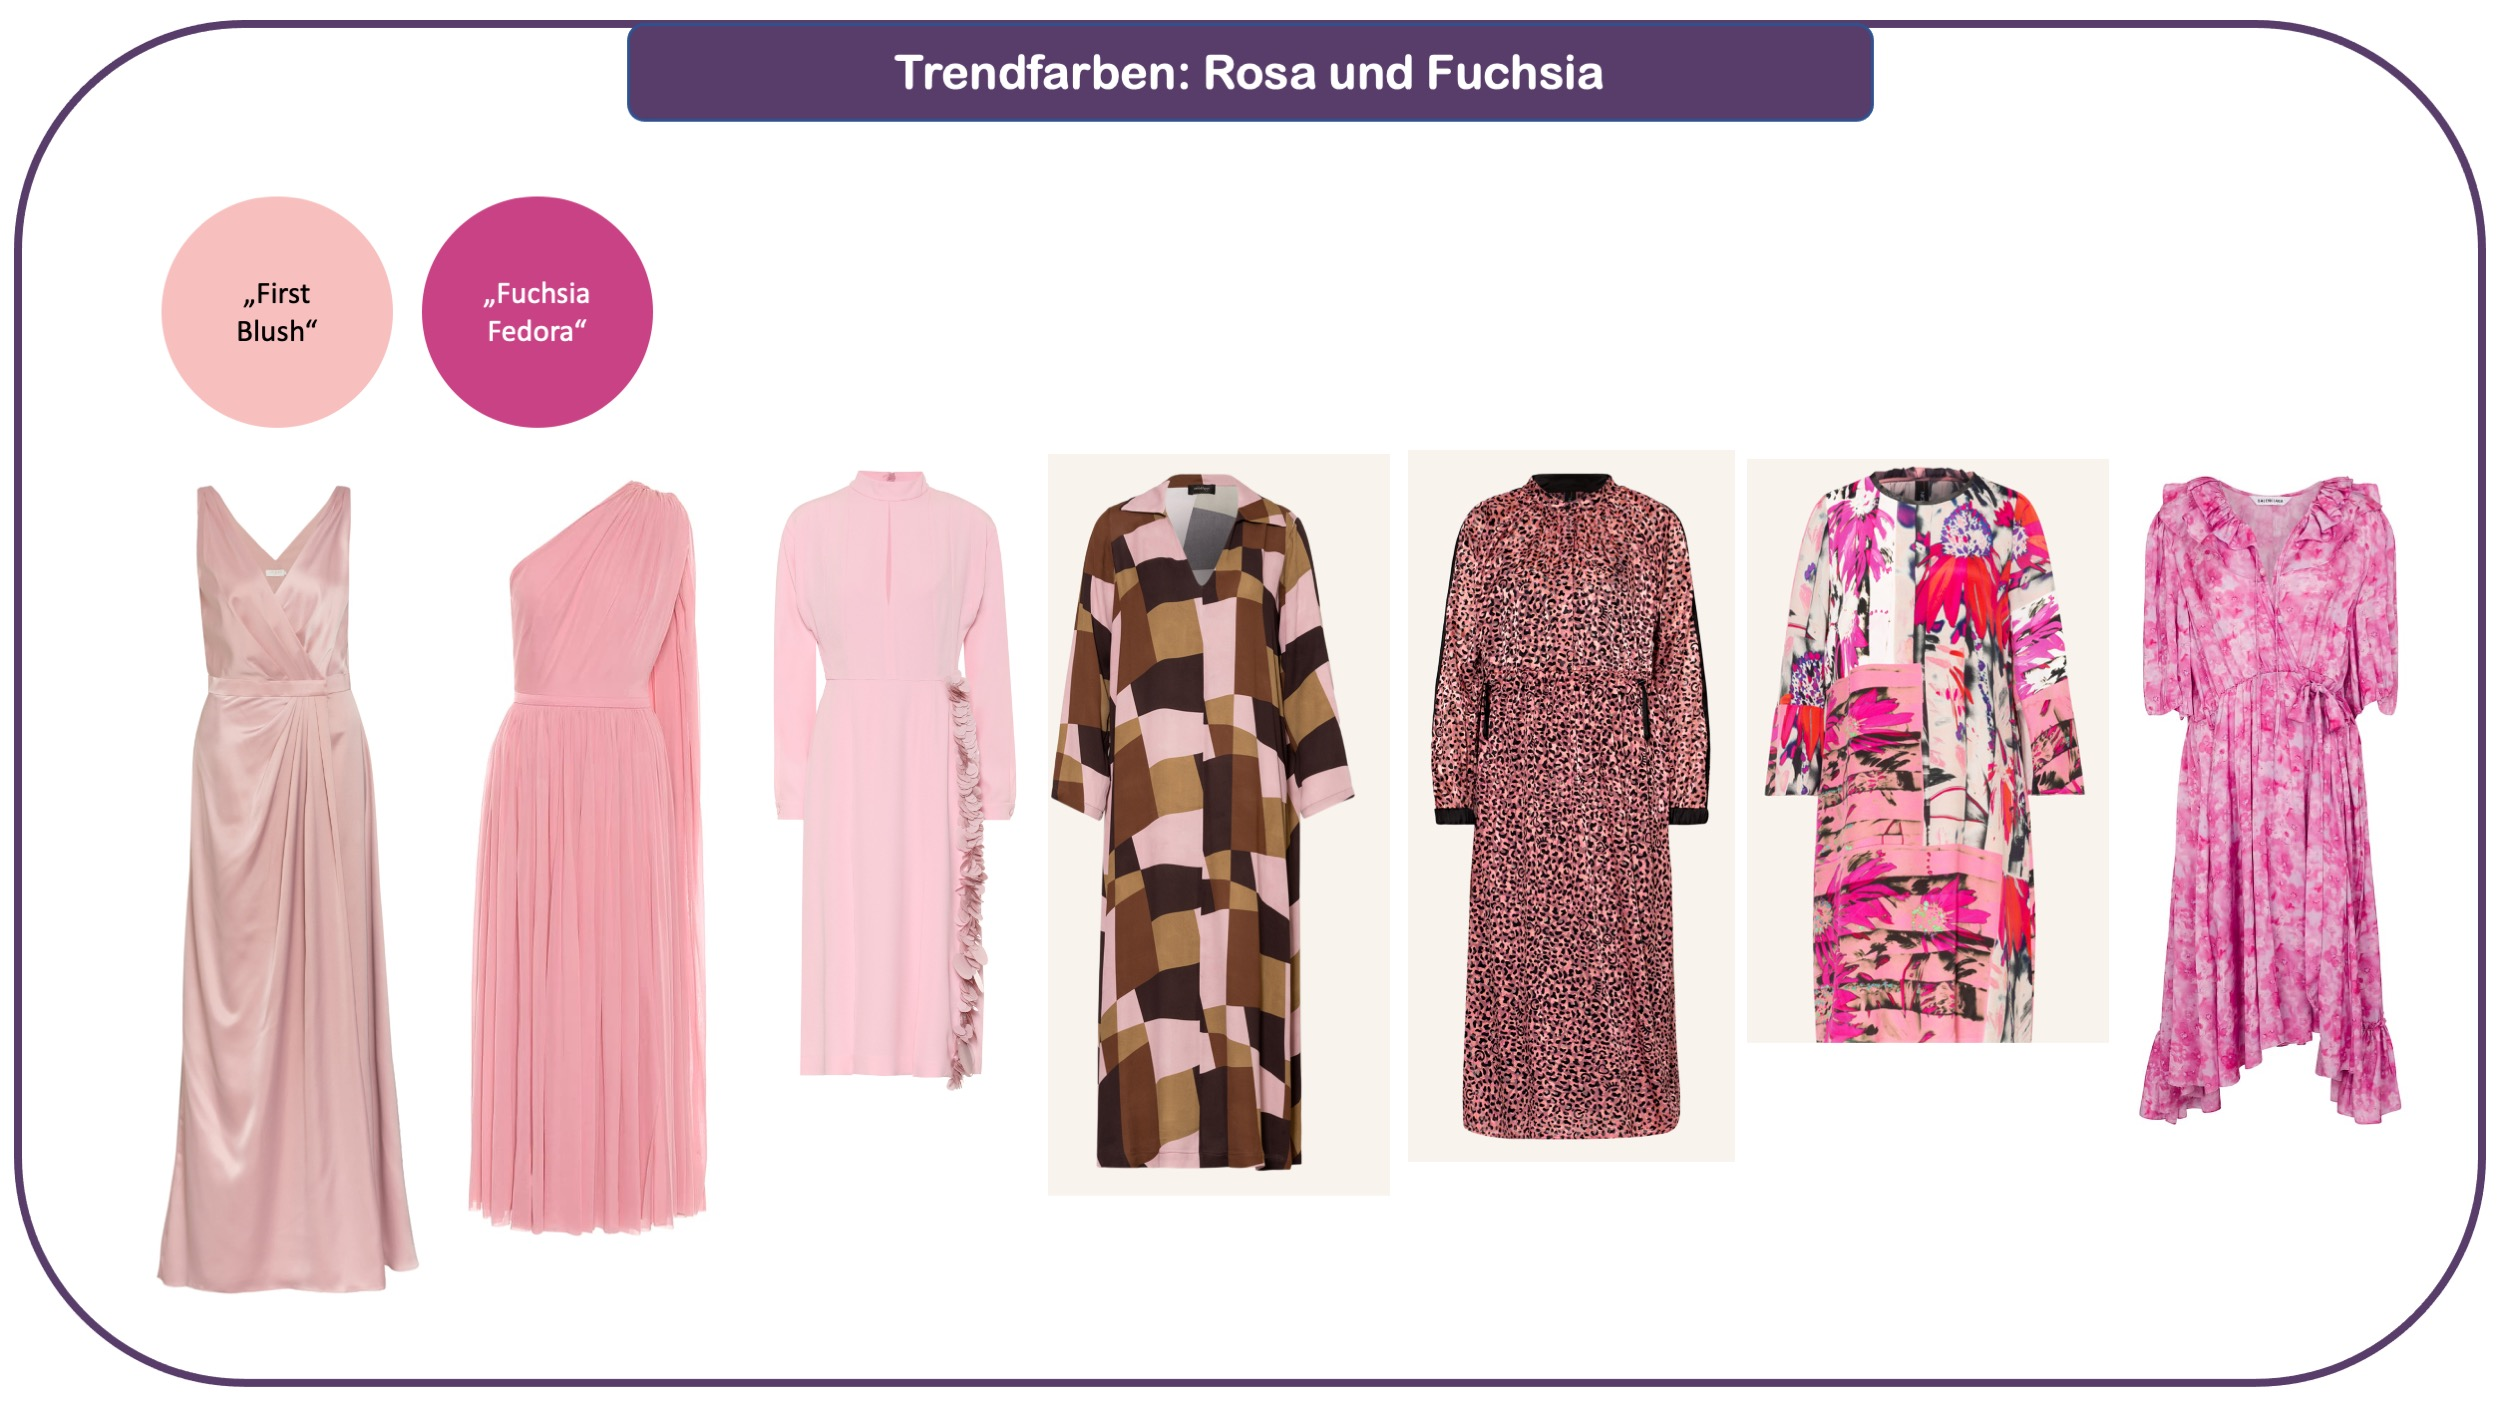 Trendfarben für Herbst und Winter 2021/22: Rosa und Fuchsia